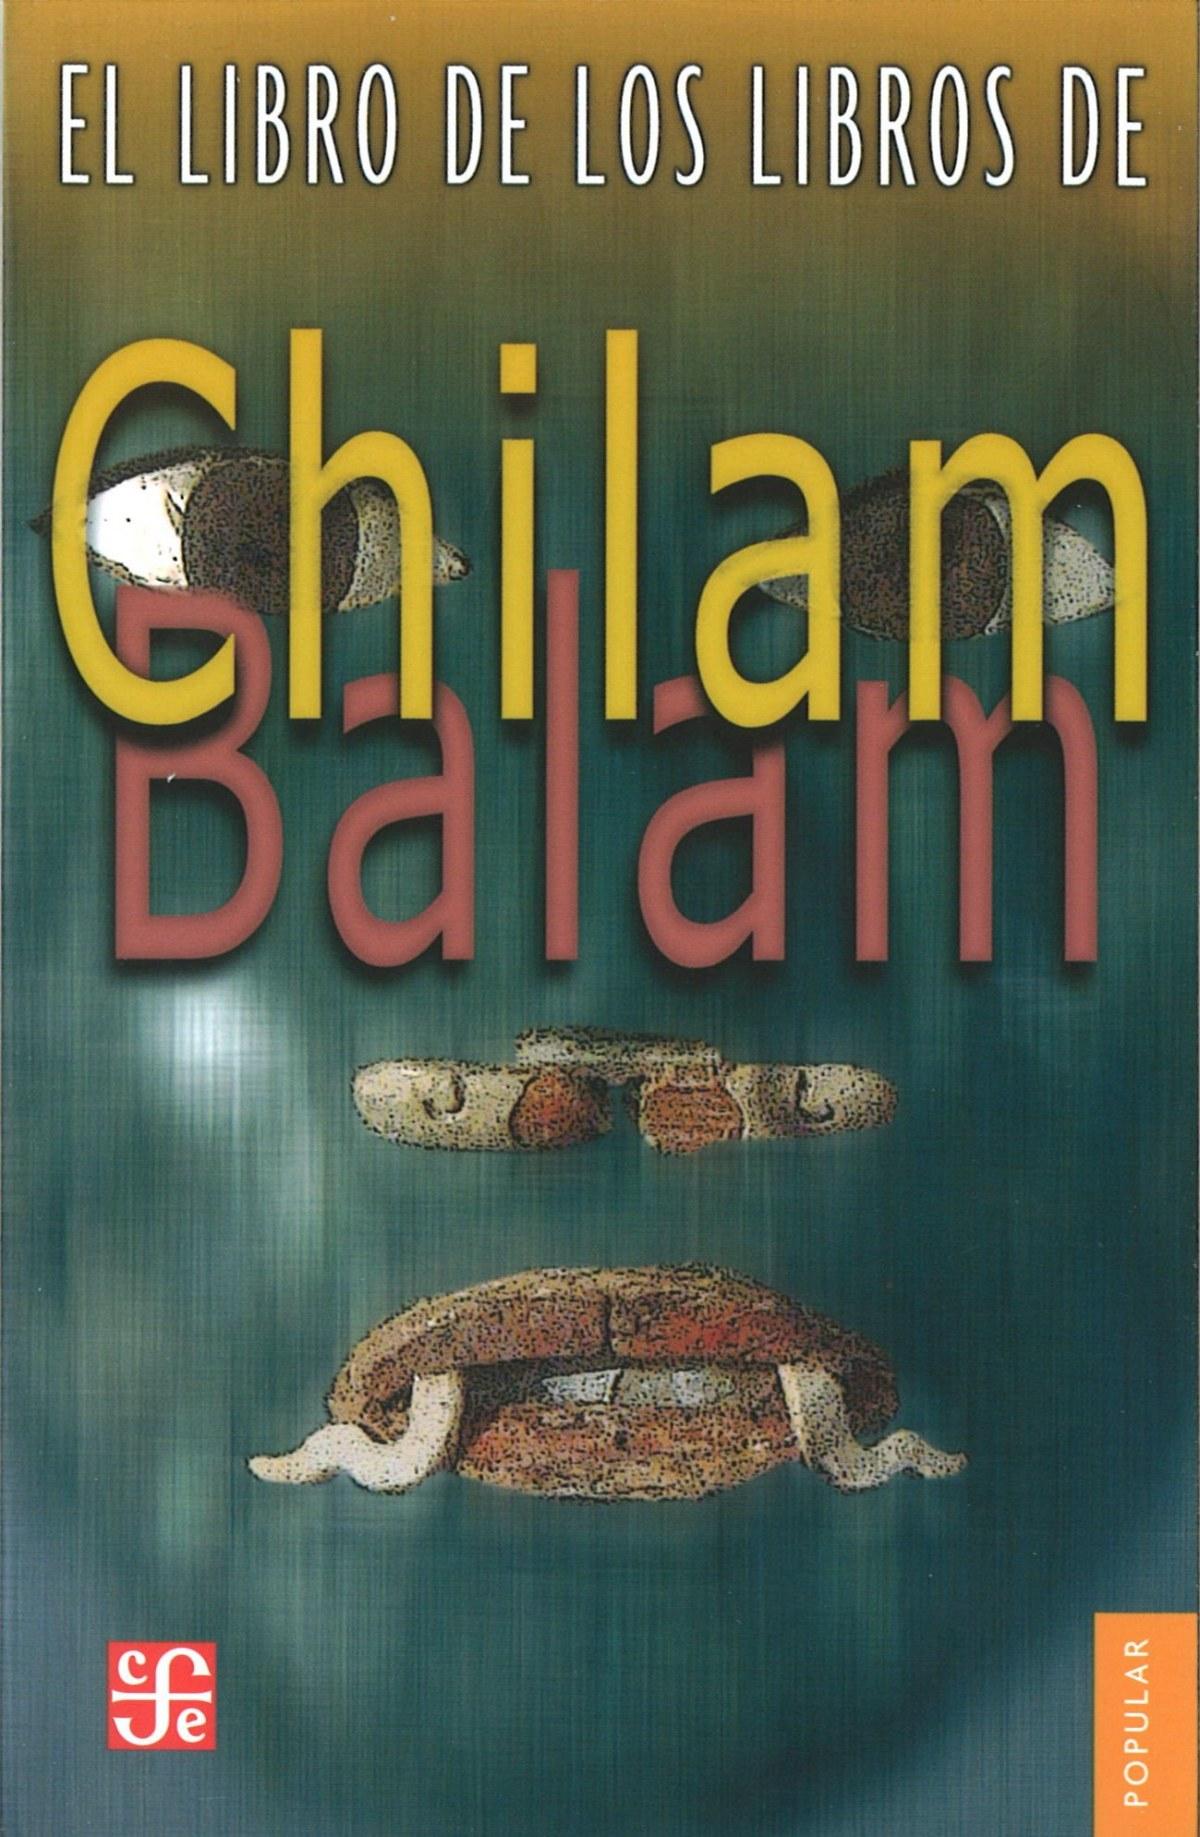 El libro de los libros de Chilam Balam - Chilam